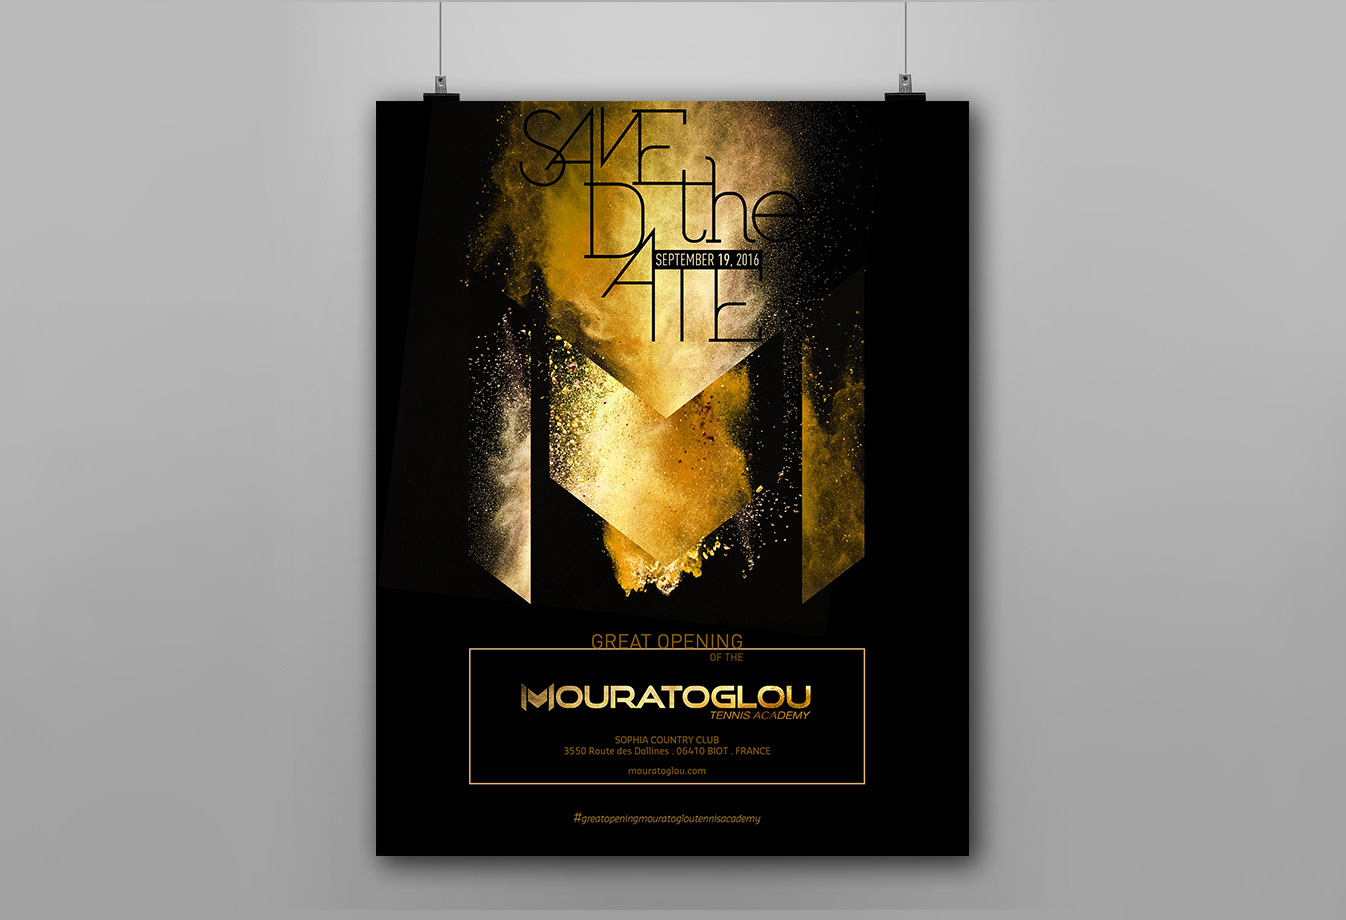 mouratoglou-1